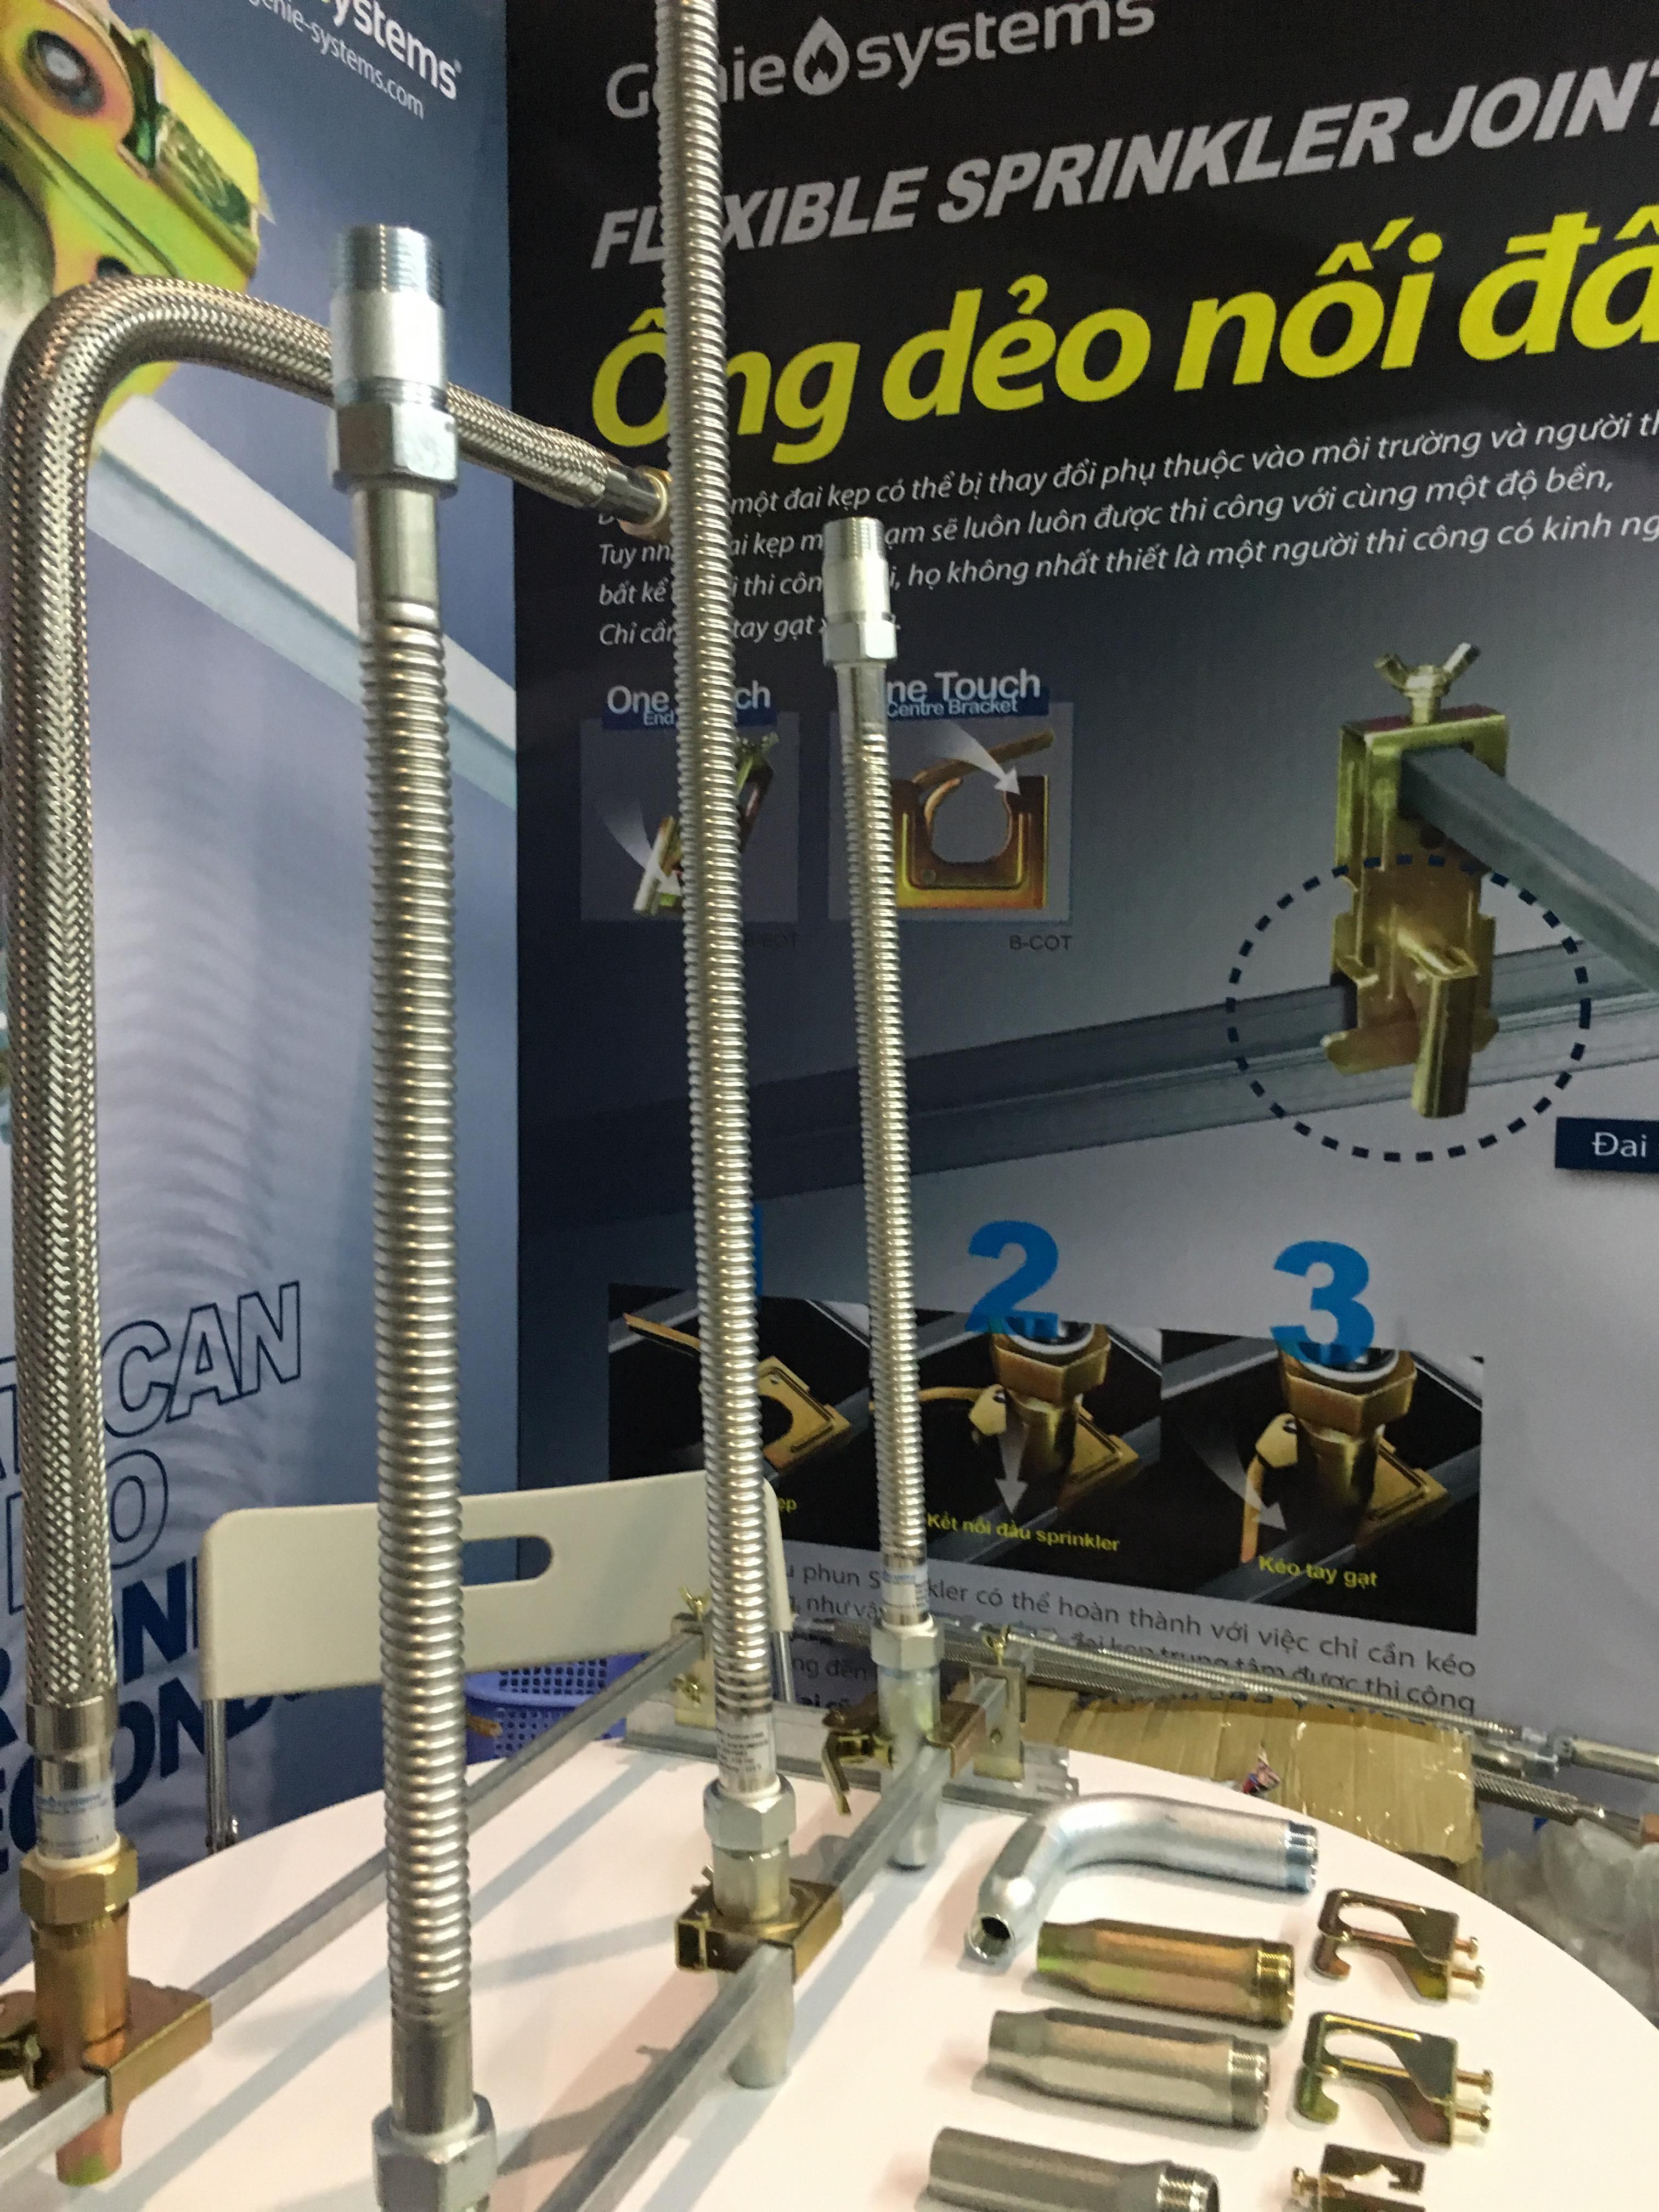 Tính năng Ống mềm nối đầu phun sprinkler DJ25UB-700